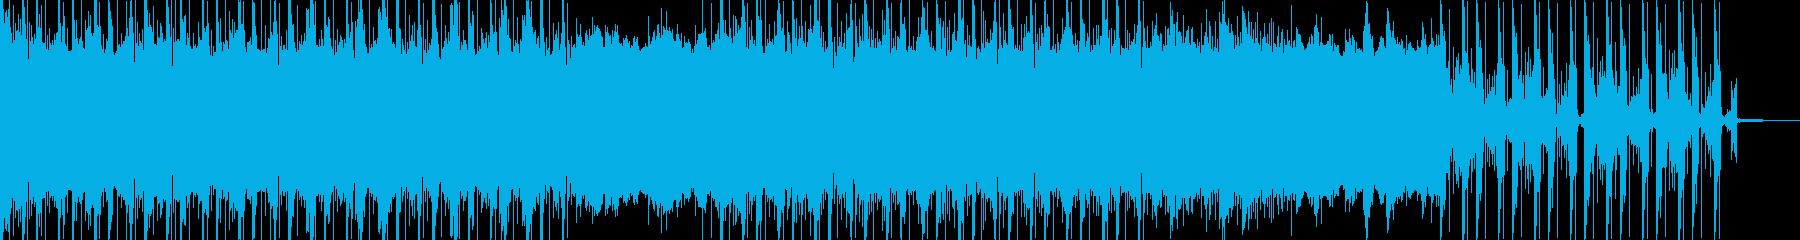 アンビエントニューエイジインストゥ...の再生済みの波形